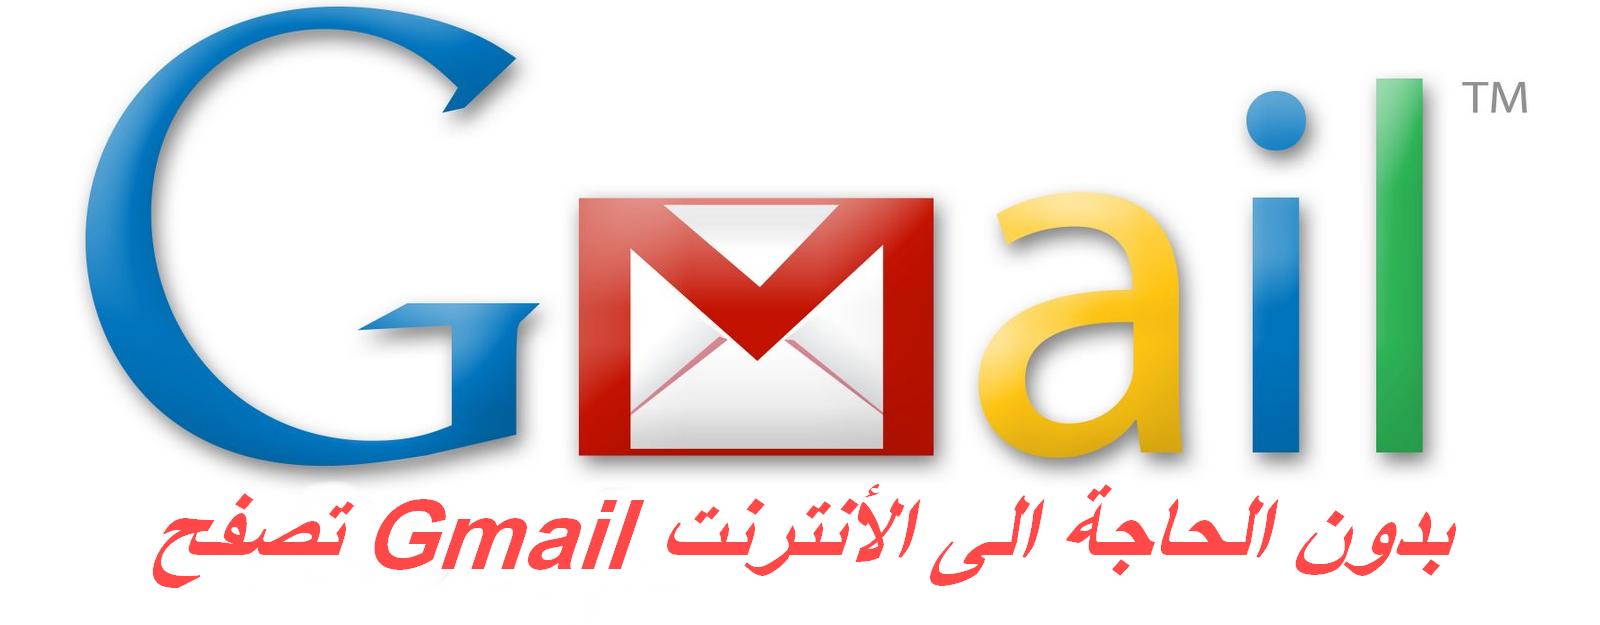 الان يمكنكم تصفح Gmail بدون الحاجة الى الأنترنت